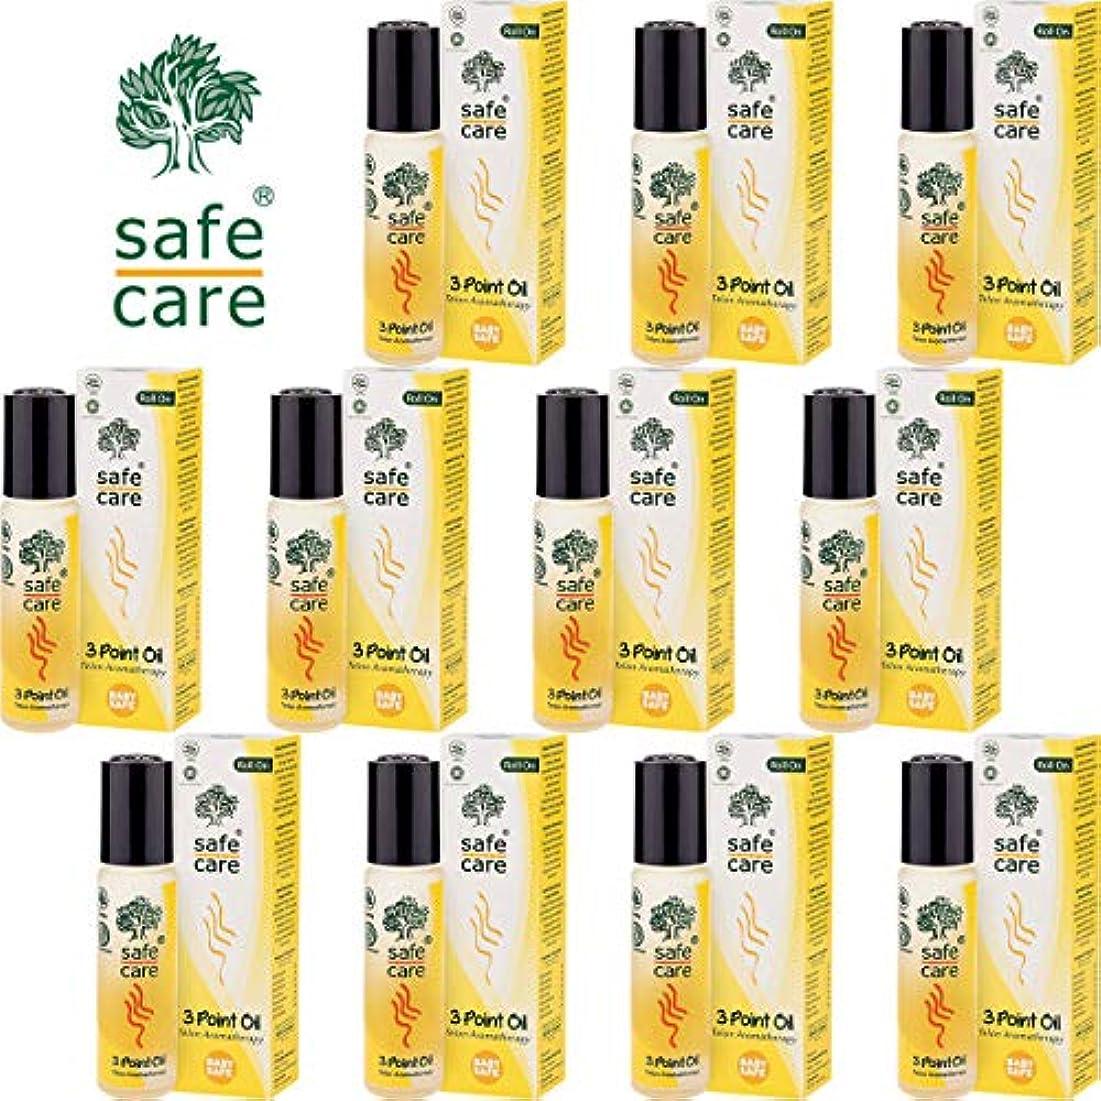 エレメンタル竜巻傀儡Safe Care セーフケア Aromatherapy Telon 3Point Oil アロマテラピー リフレッシュオイル テロン3ポイントオイル ロールオン 10ml×11本セット [海外直送品]